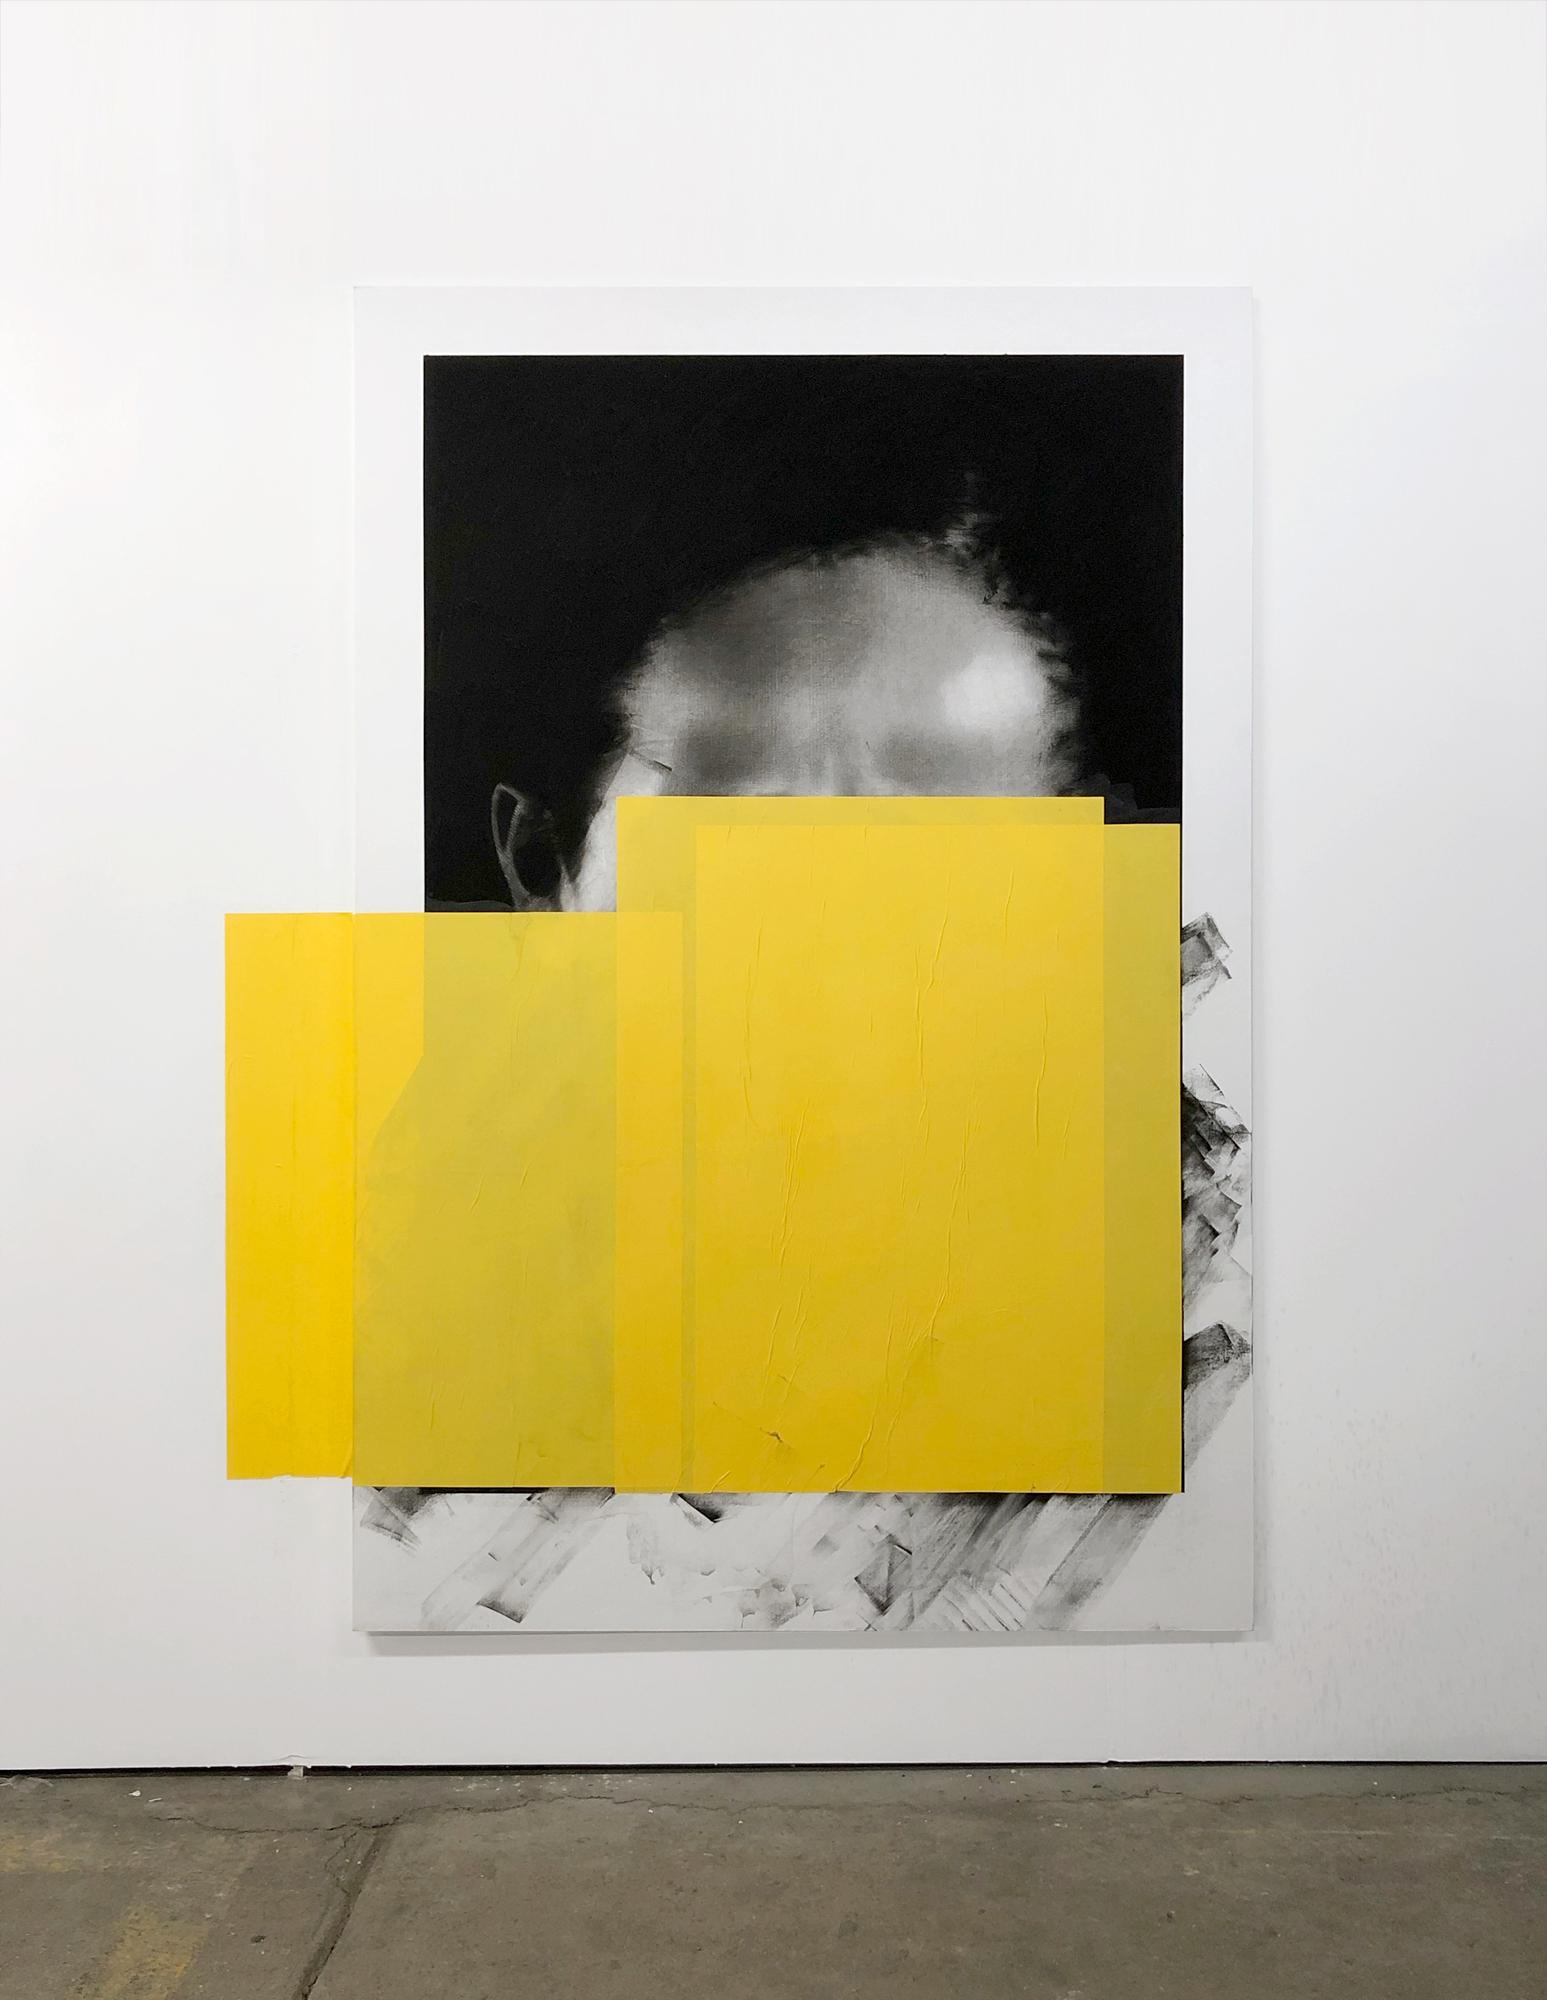 © Valentin van der Meulen, Untitled, studio view, 2020